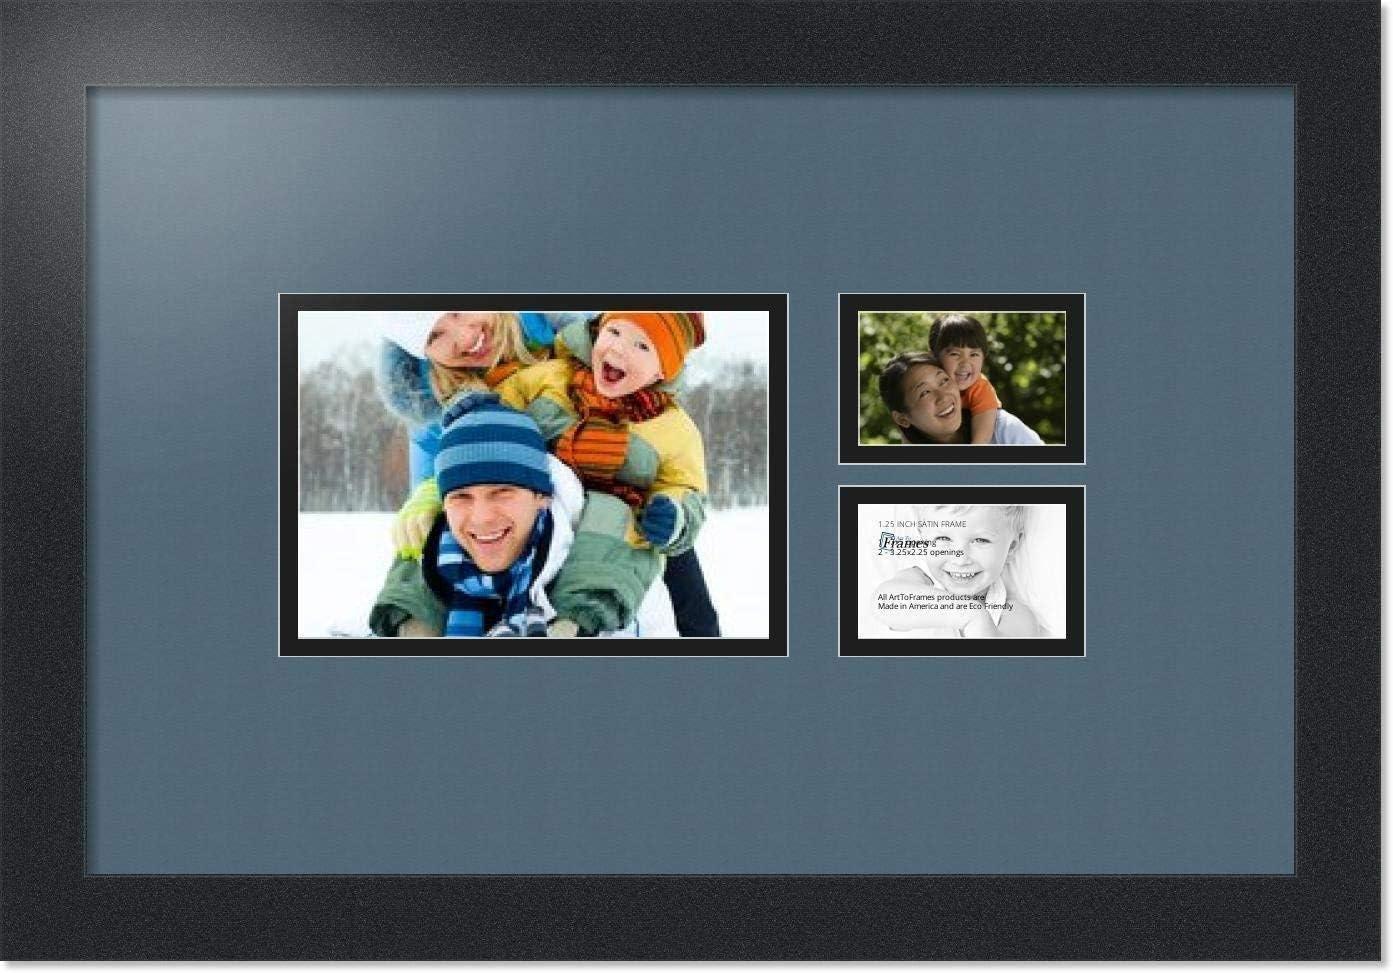 爆買い新作 ArtToFrames Collage Photo Frame Double and 2-2.25 格安 Mat with 1-5x7